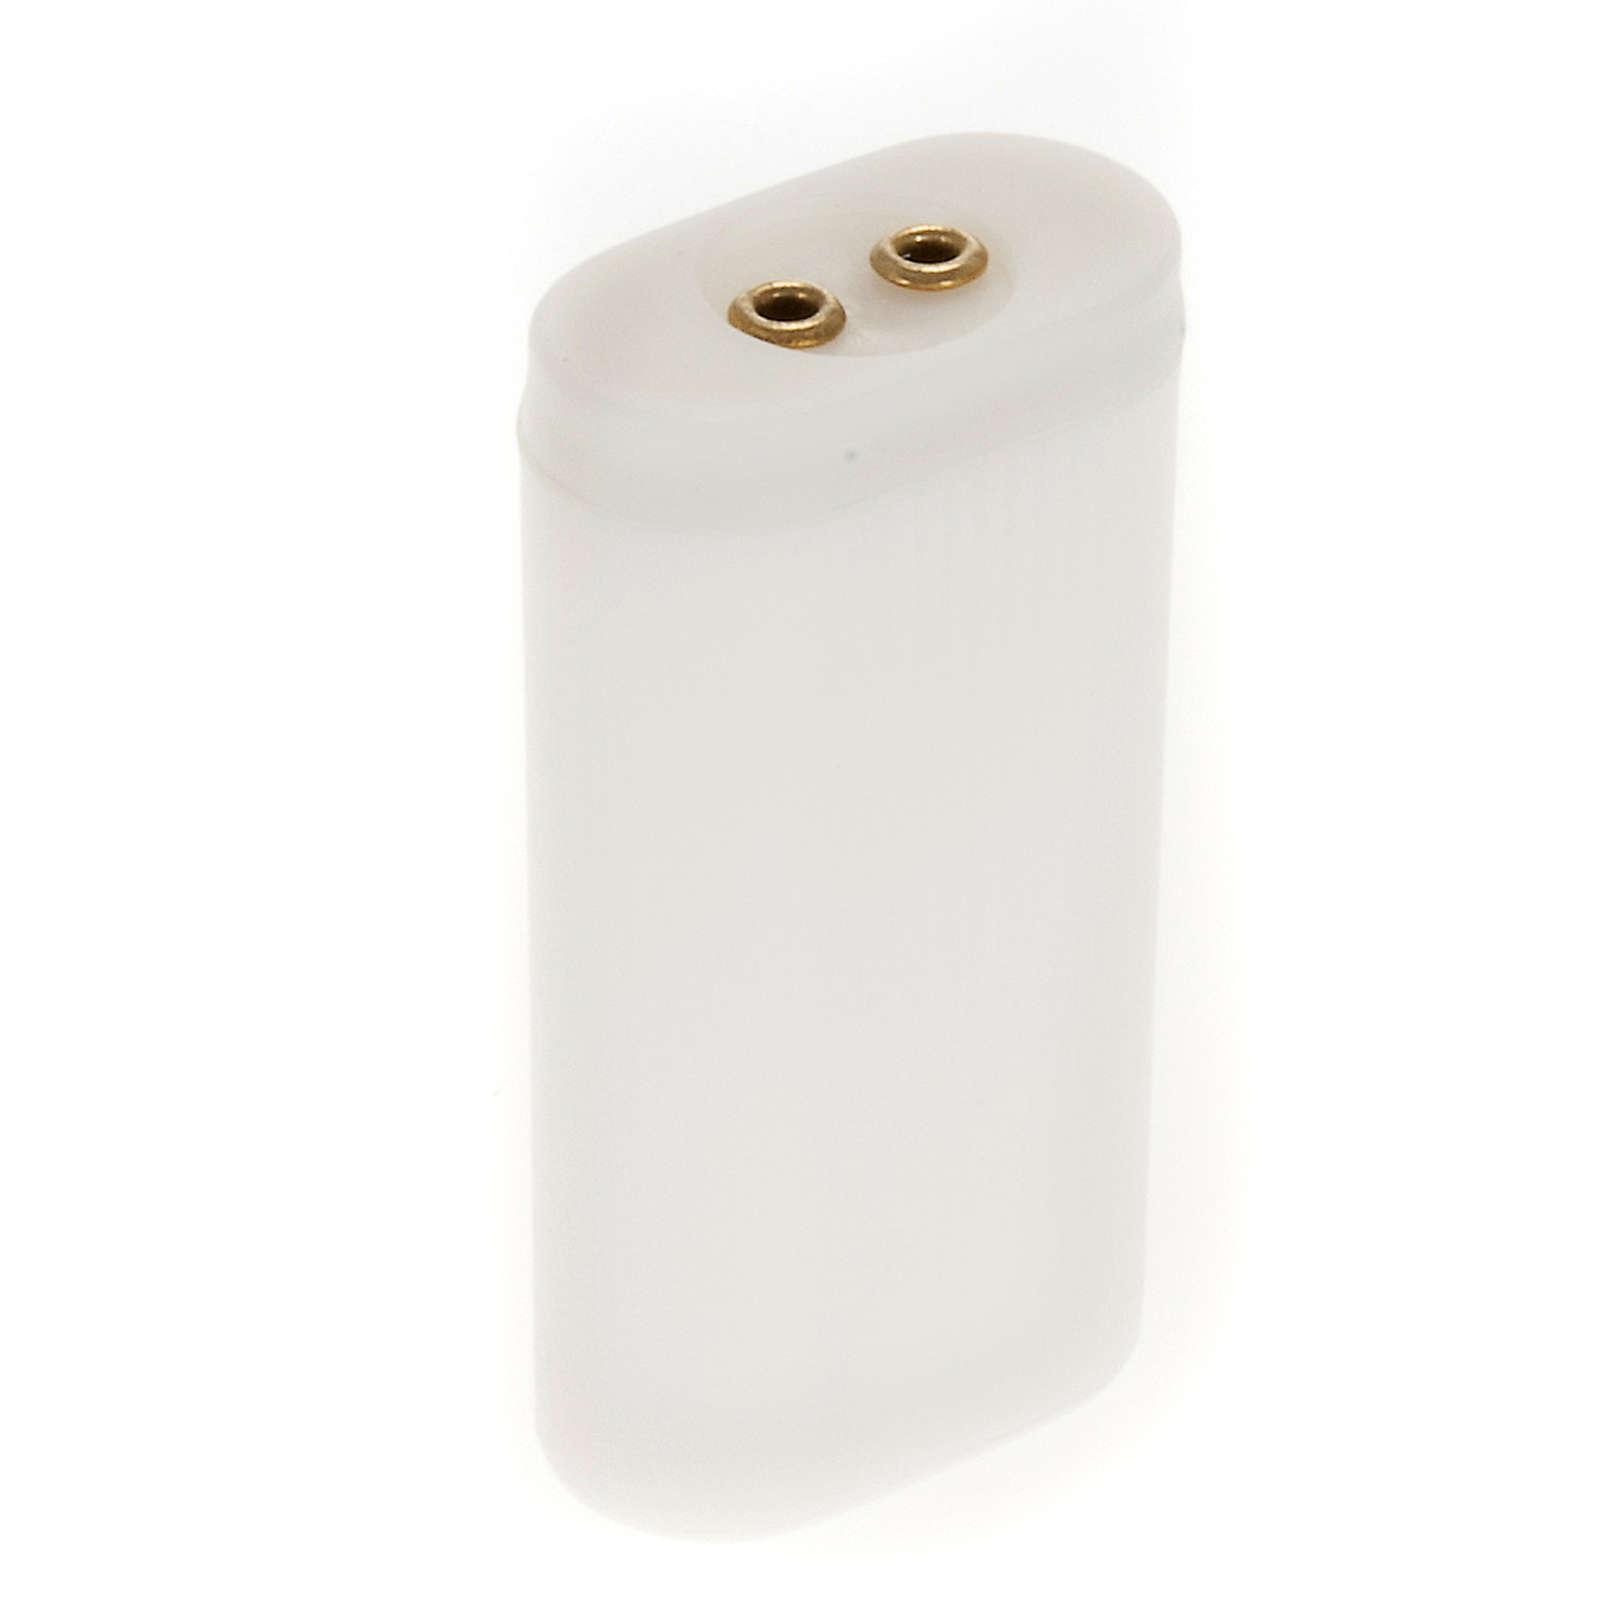 Suporte de pilhas para luzes presépio 4